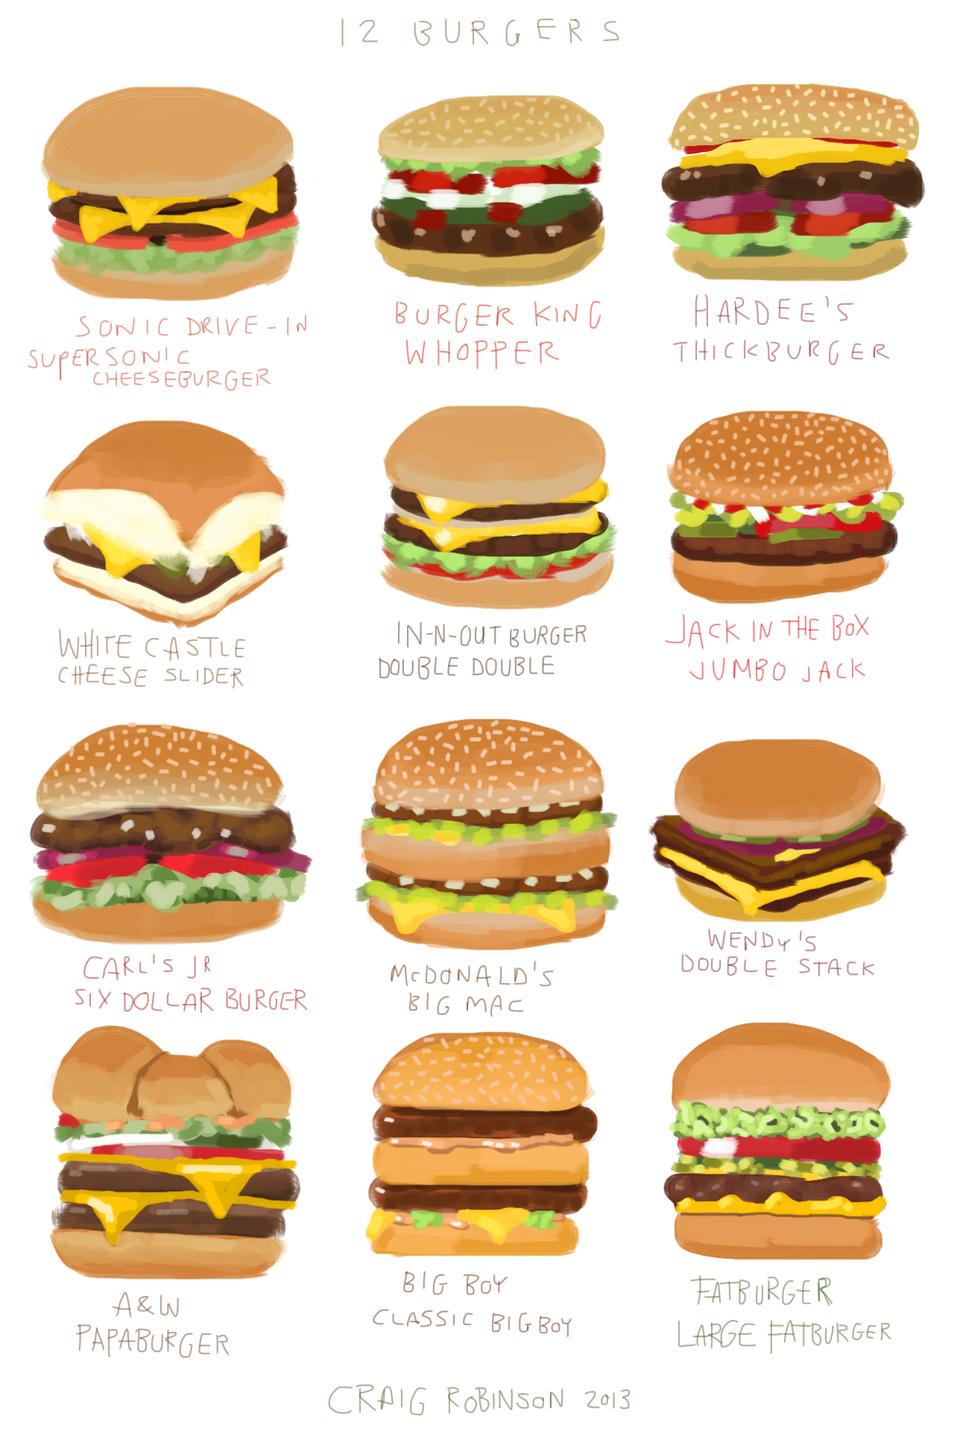 Extrêmement TOP : 12 Fast Foods de burgers à se faire dans le monde - FASTANDFOOD ED48